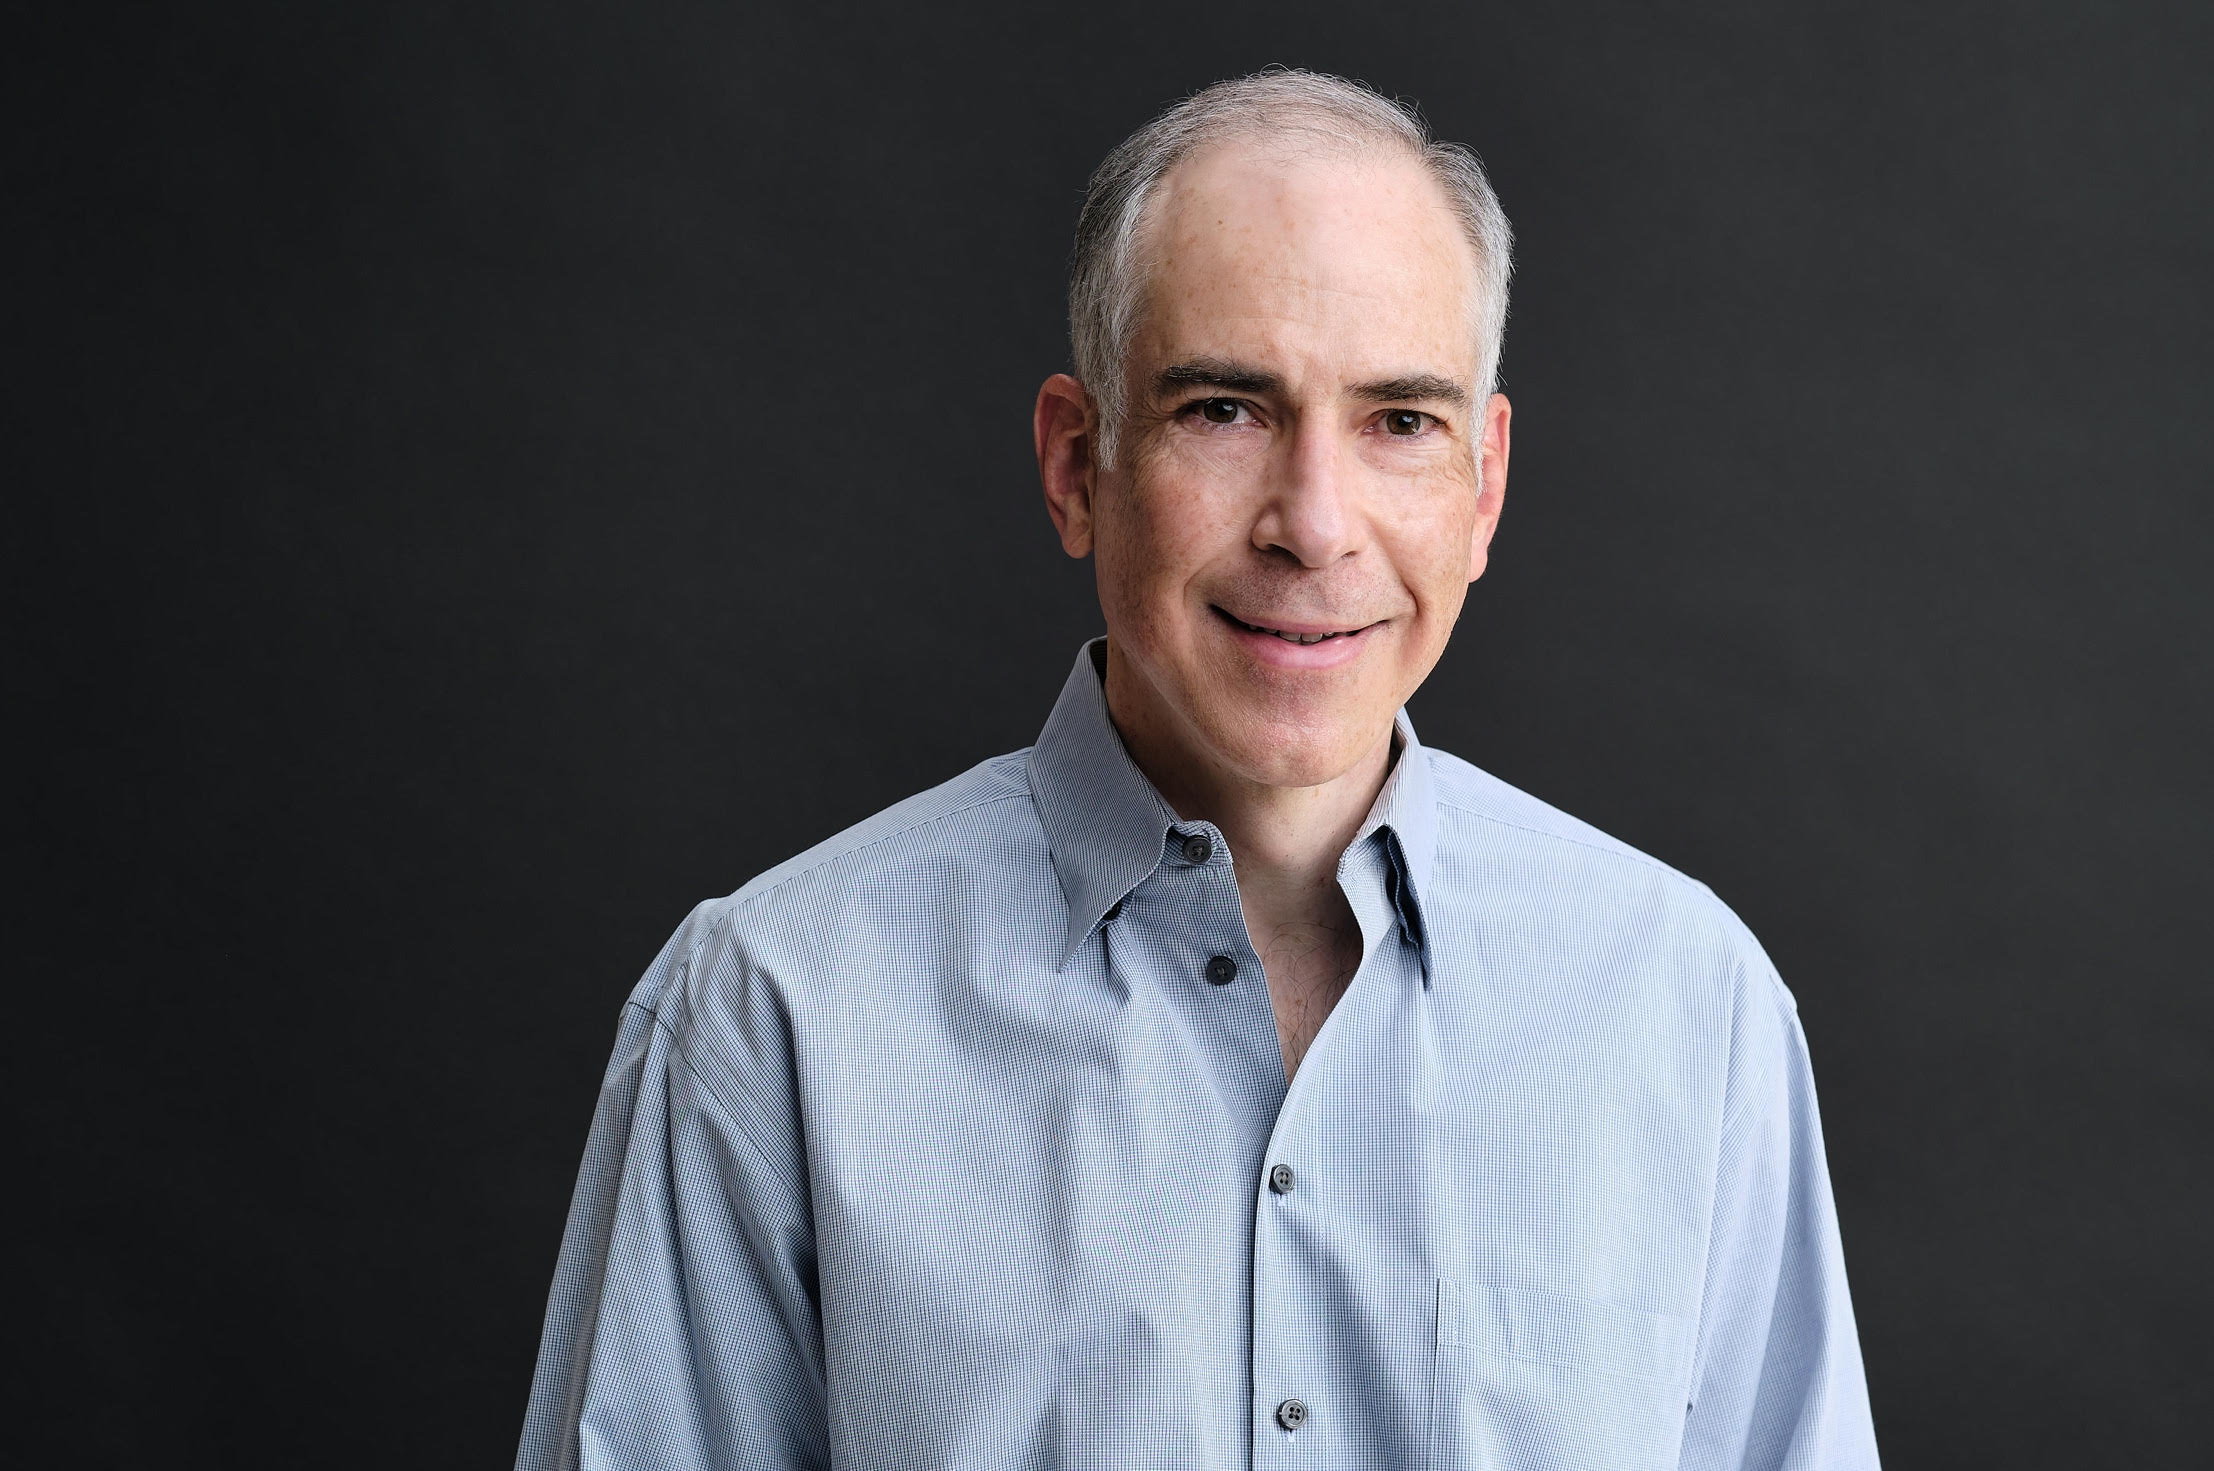 David Gerber, PhD